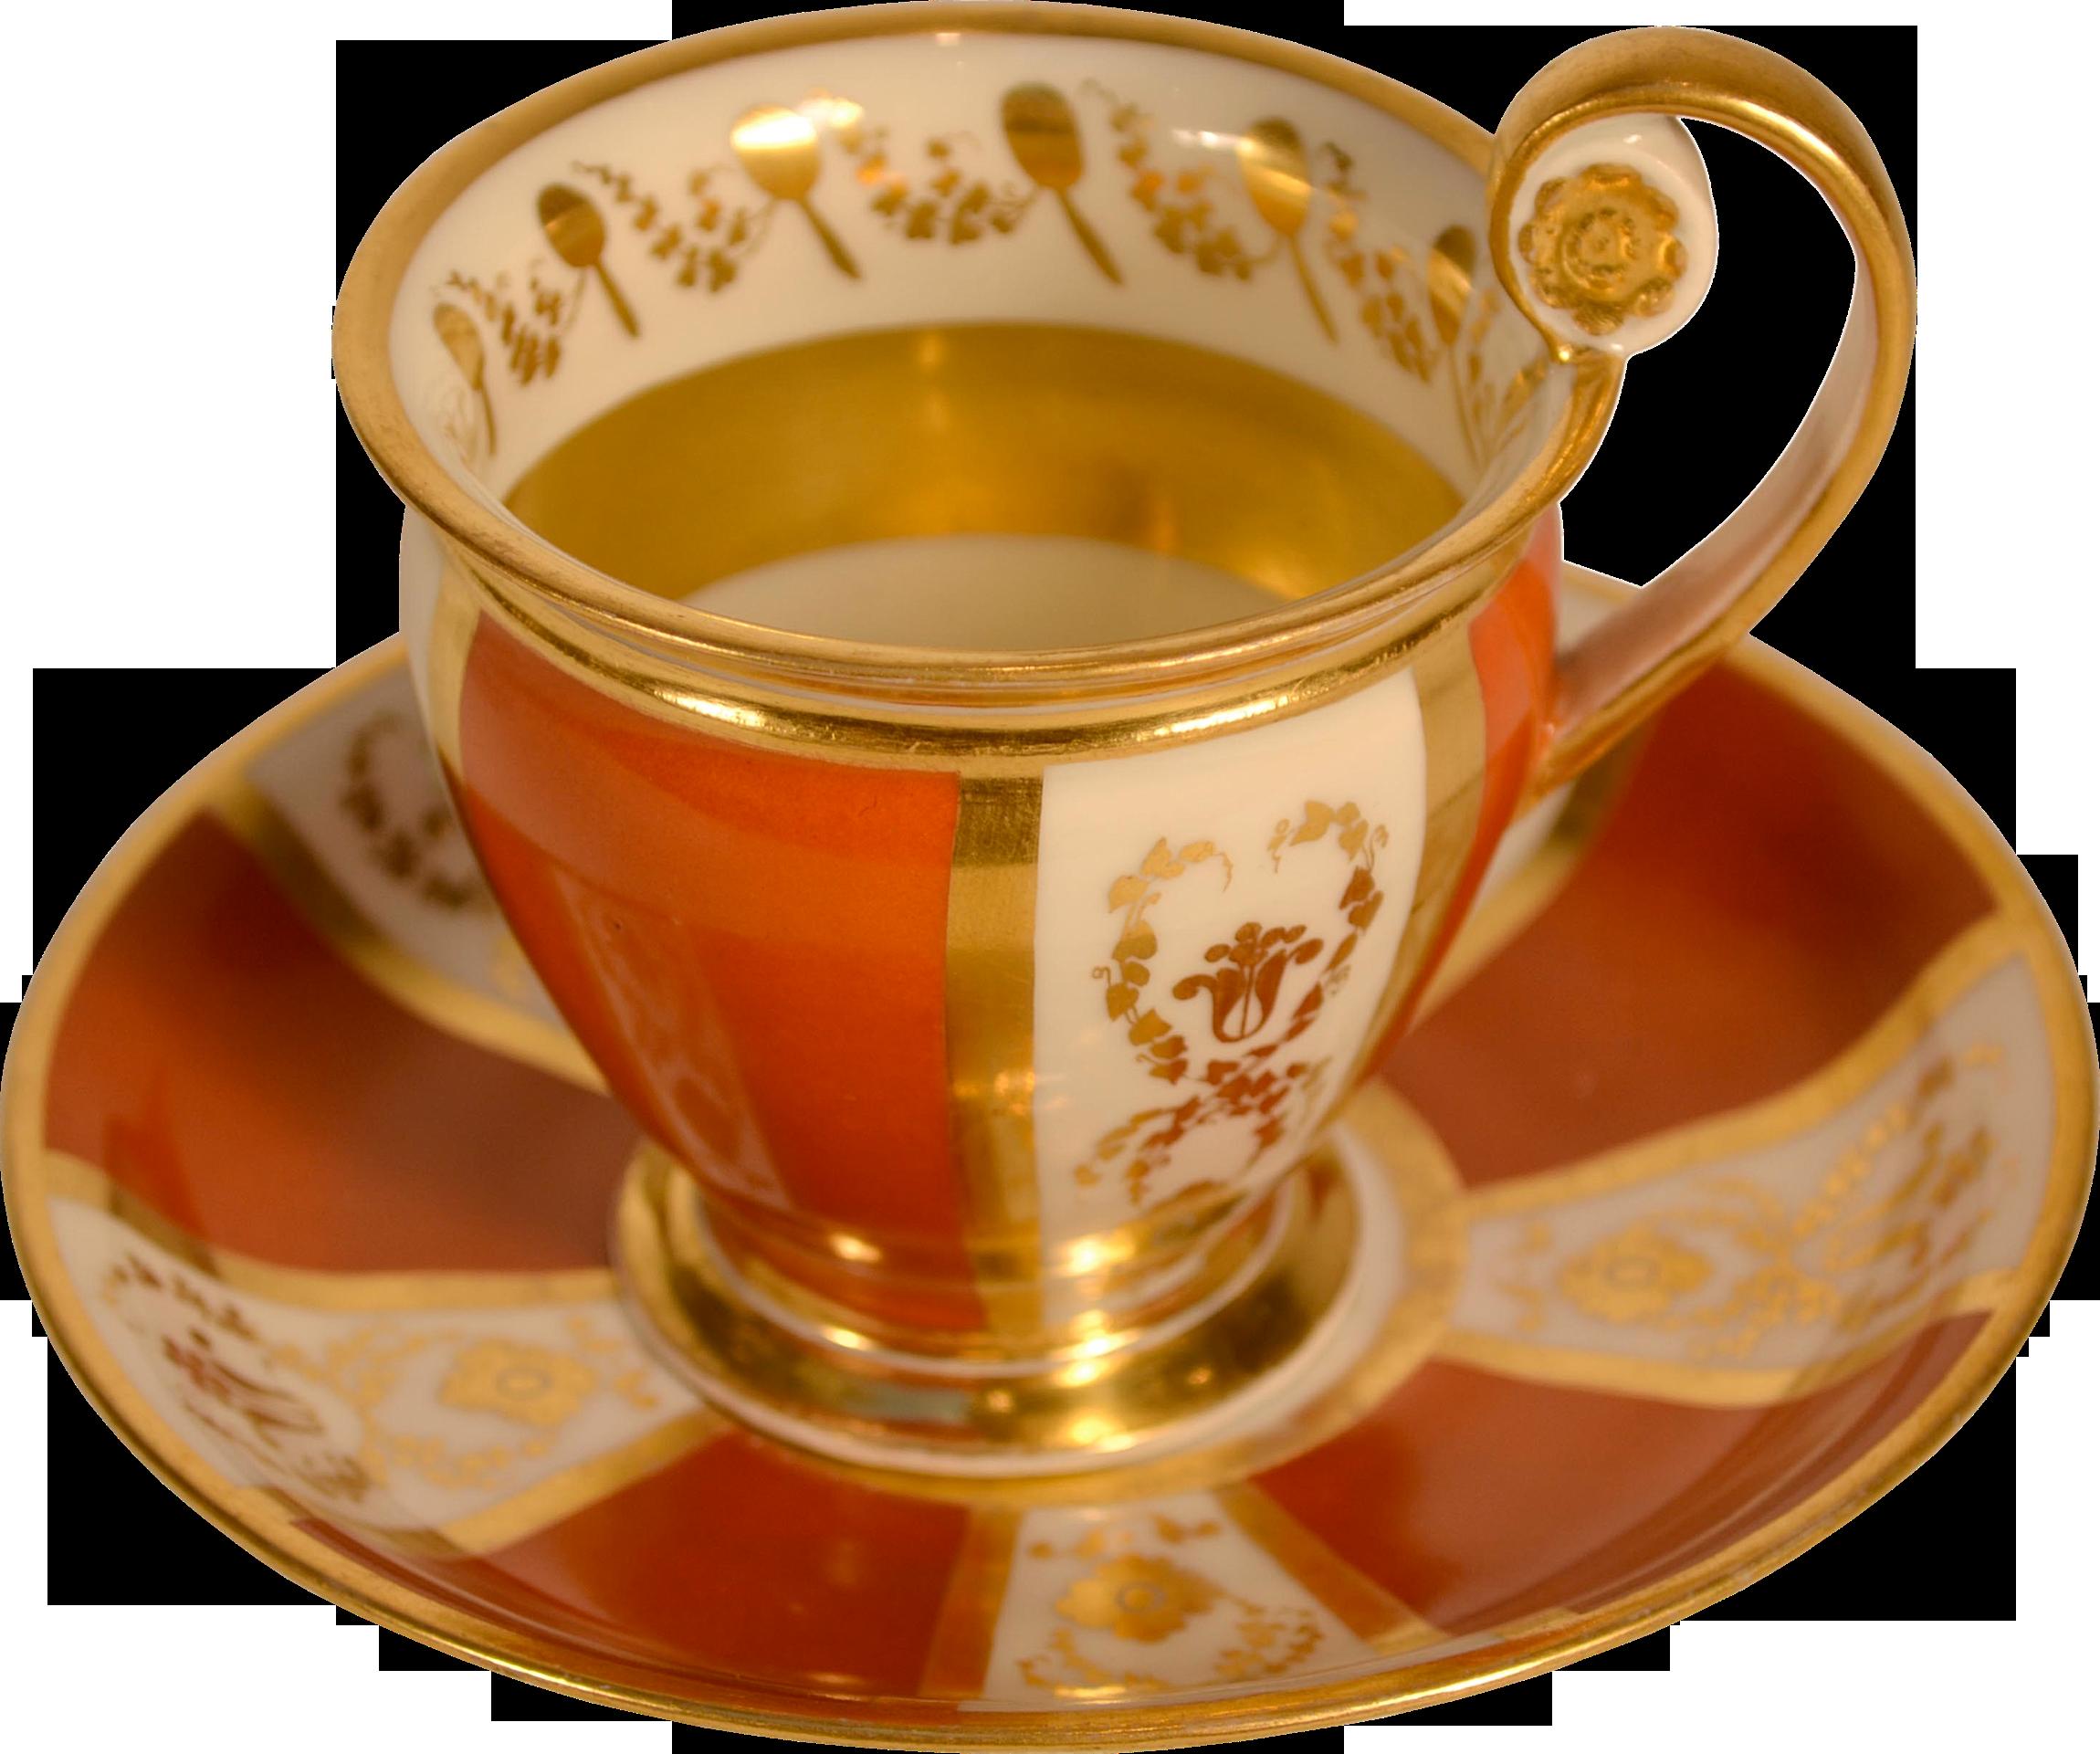 Чашка с чаем картинки прозрачные, днем рождения